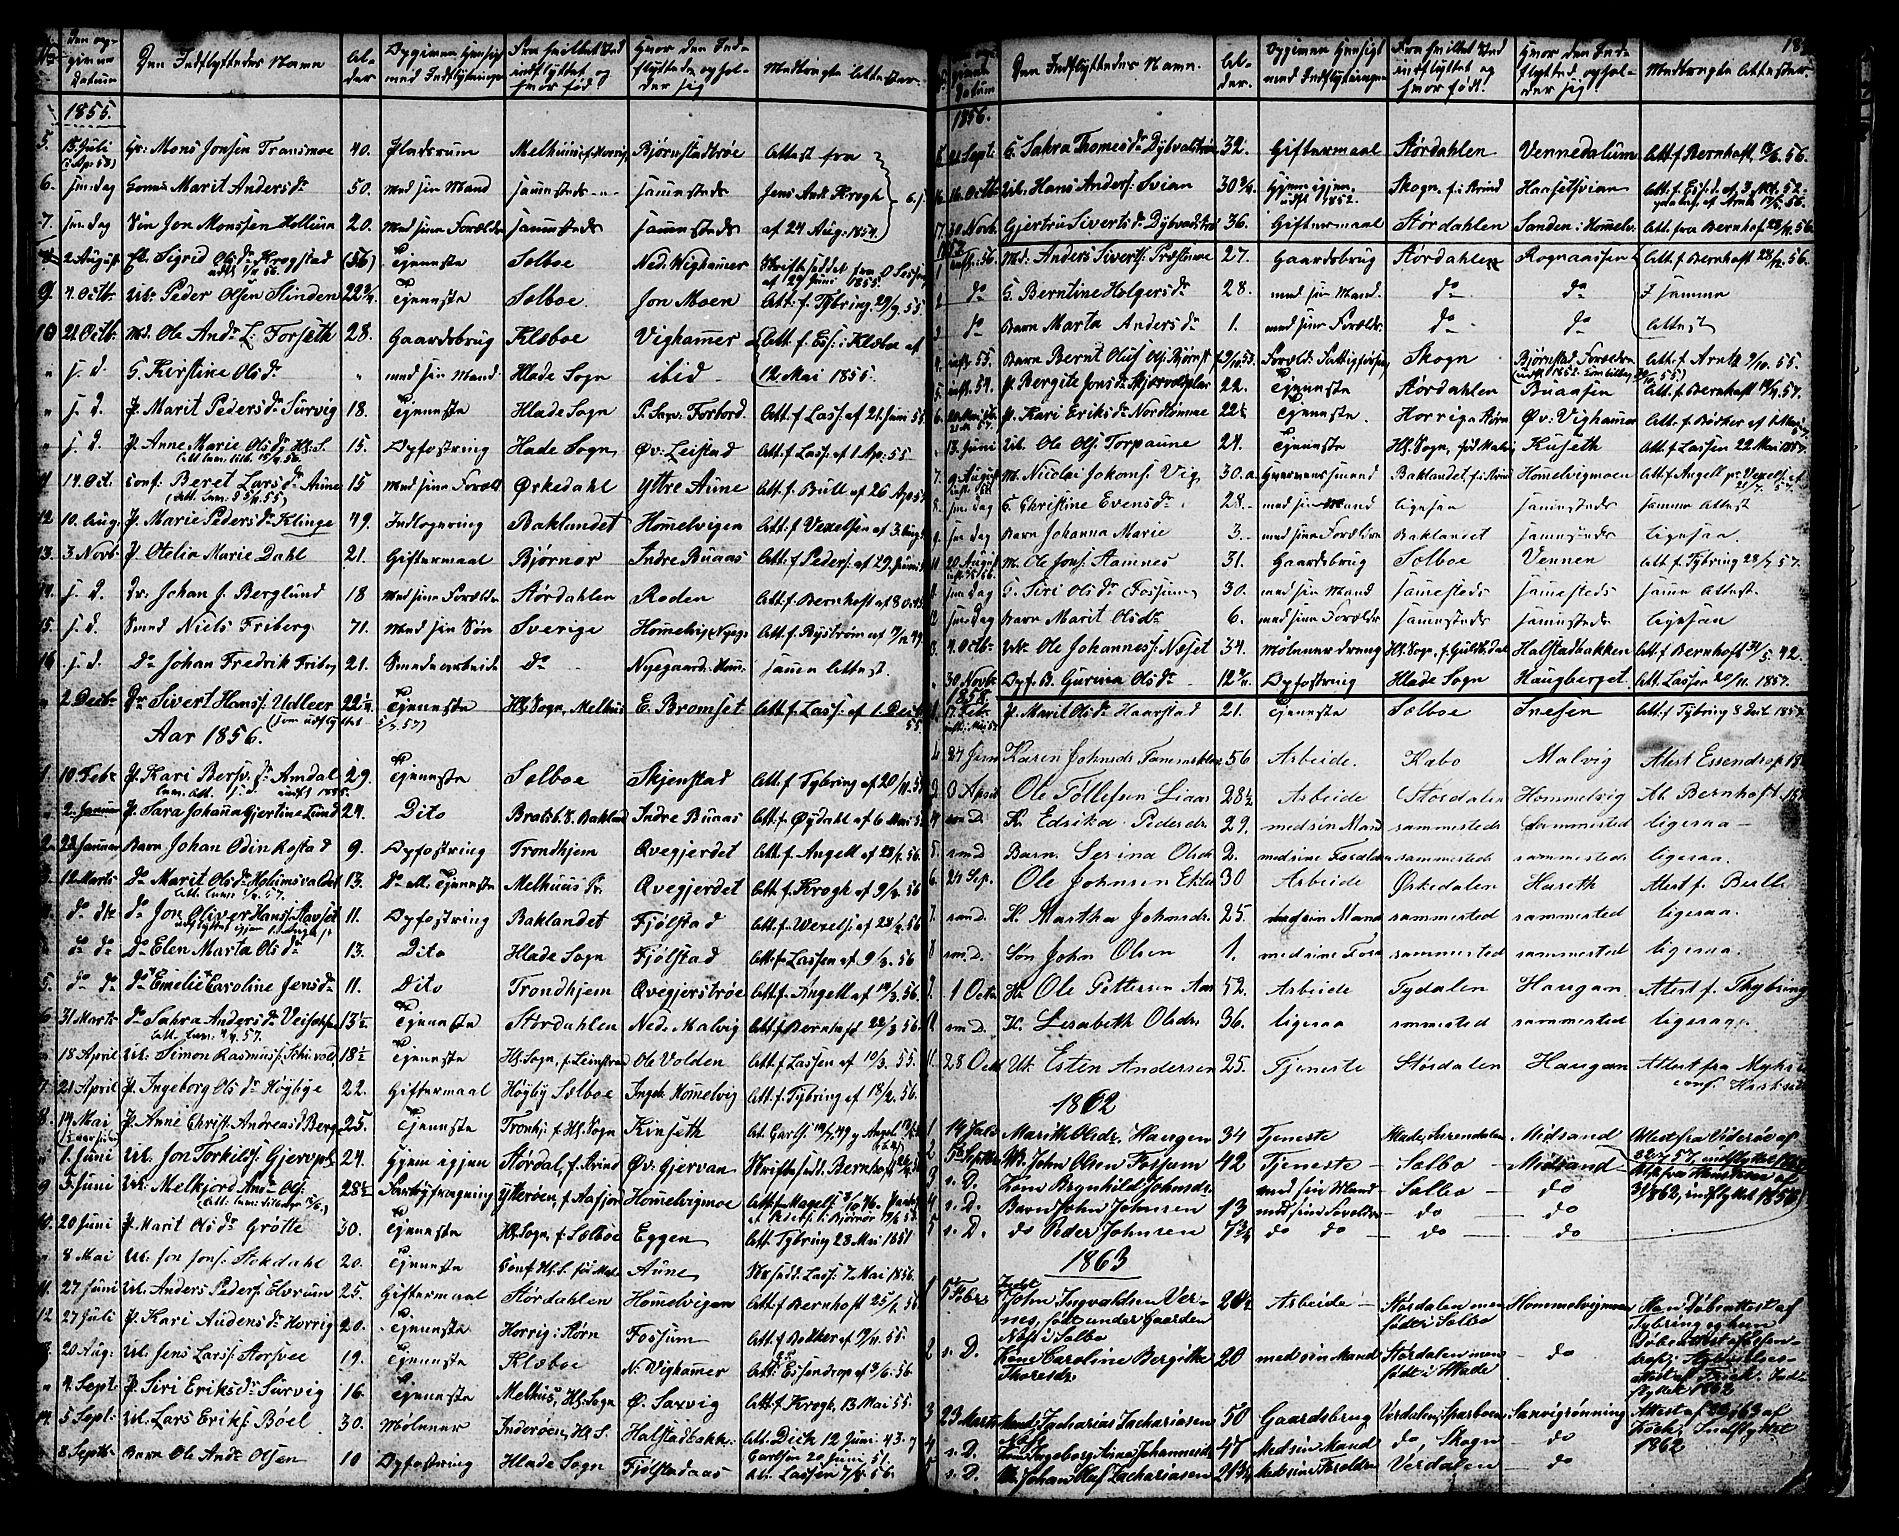 SAT, Ministerialprotokoller, klokkerbøker og fødselsregistre - Sør-Trøndelag, 616/L0422: Klokkerbok nr. 616C05, 1850-1888, s. 188